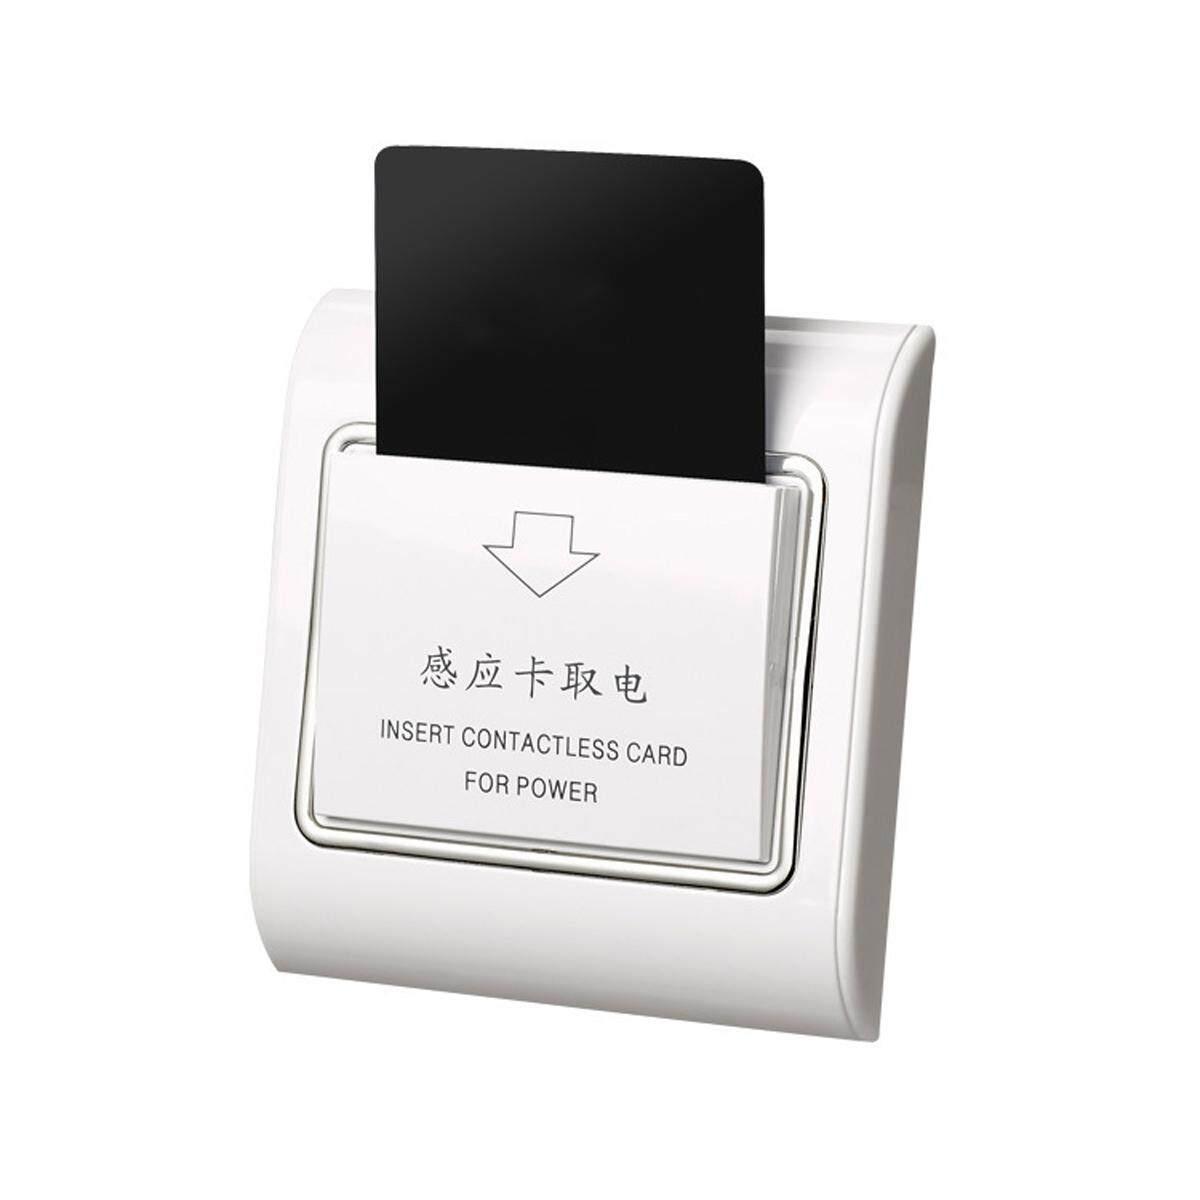 86 Mét Thẻ RFID Thông Minh Cảm Ứng Khách Sạn Công Tắc Nguồn 40A Hẹn Giờ Trễ Tiết Kiệm năng lượng